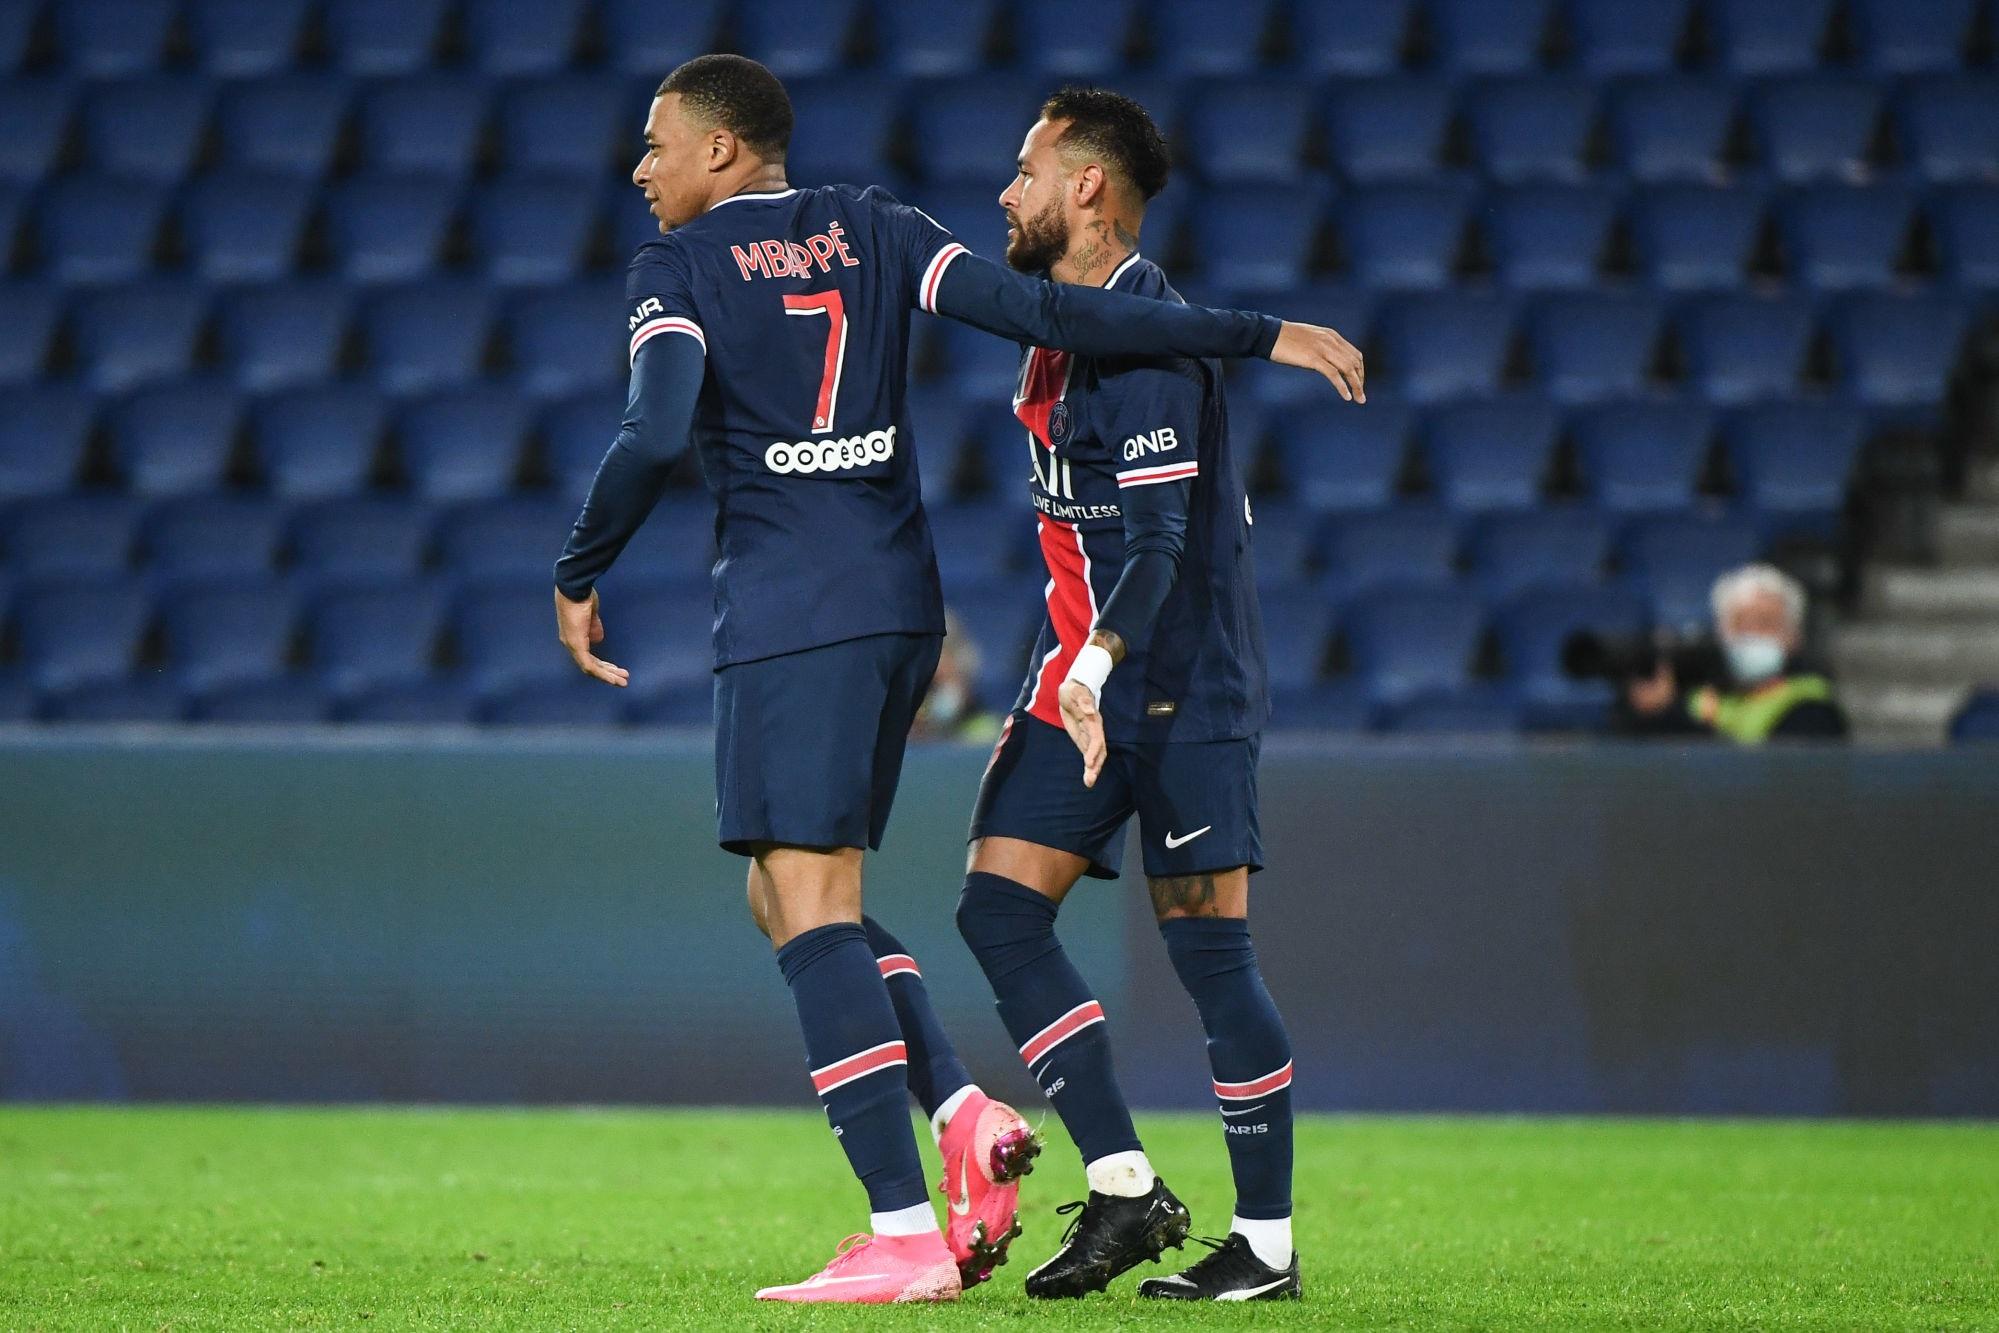 L'Equipe s'amuse de la discussion entre Neymar, Mbappé et le PSG dans un dessin